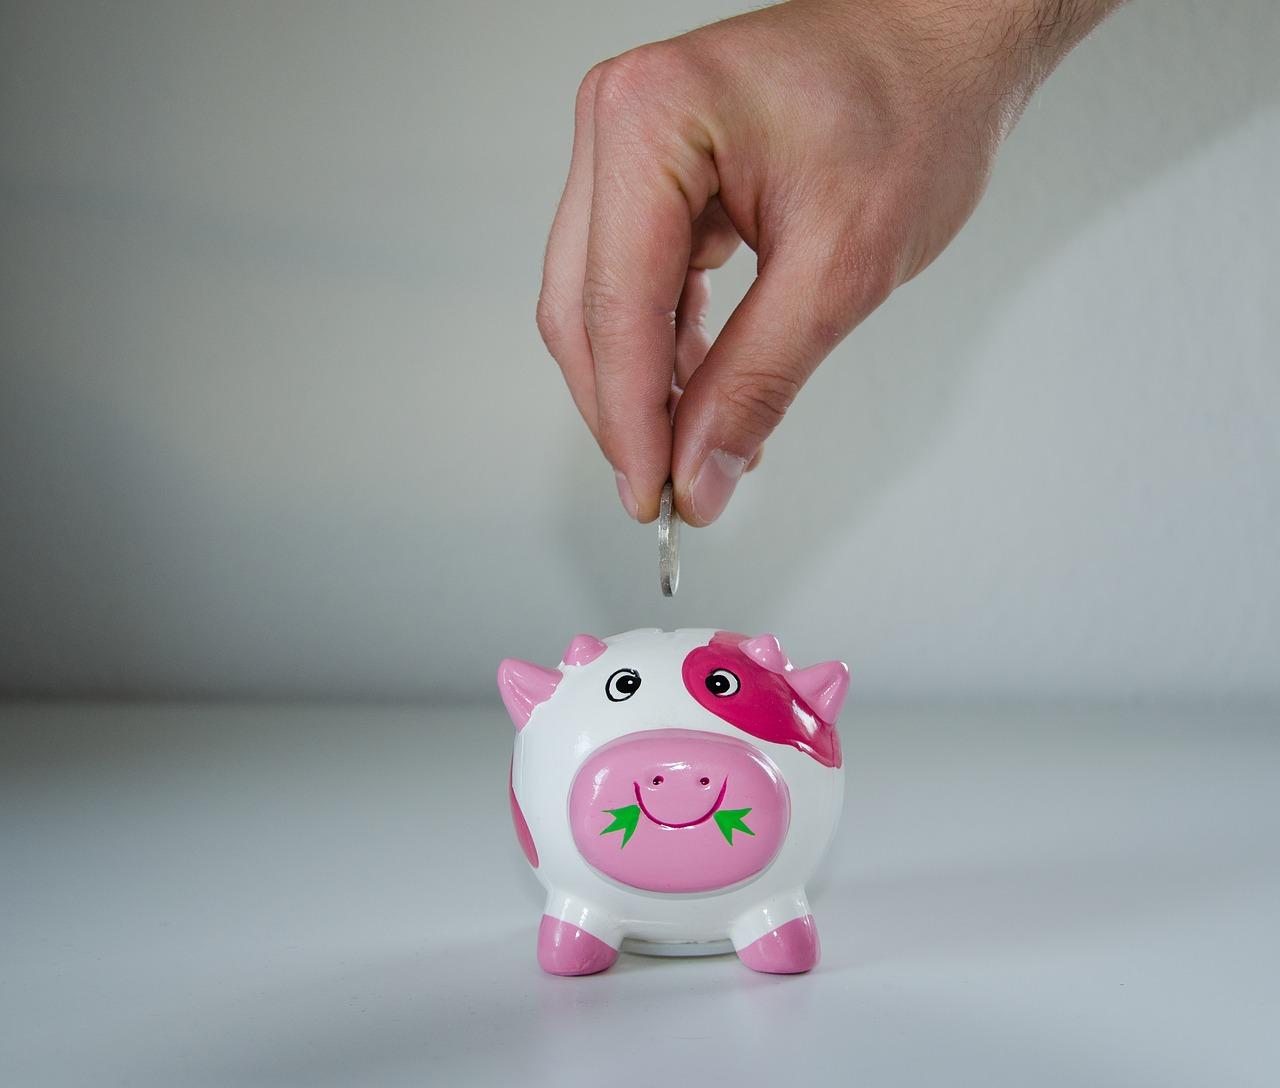 Polacy coraz częściej oszczędzają! Z jakich produktów bankowych korzystają najczęściej?